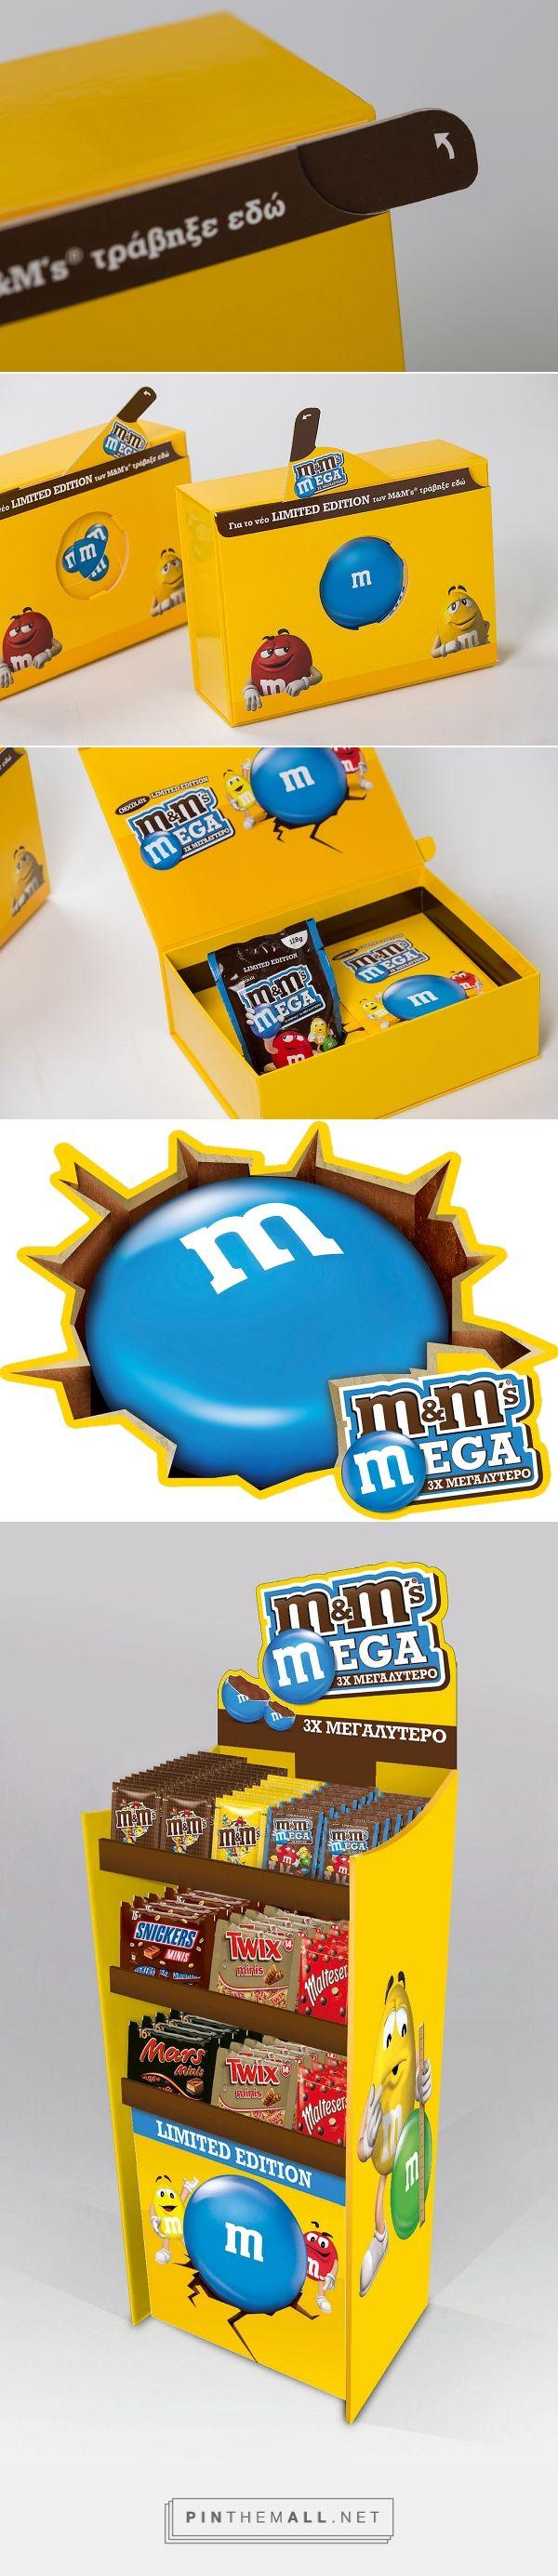 Μ&Μ's Limited Edition Promo box on Behance curated by Packaging Diva PD. Promo kit of M&Ms MEGA limited edition for Mars Hellas. Mmmm chocolate candy for the packaging smile file : )